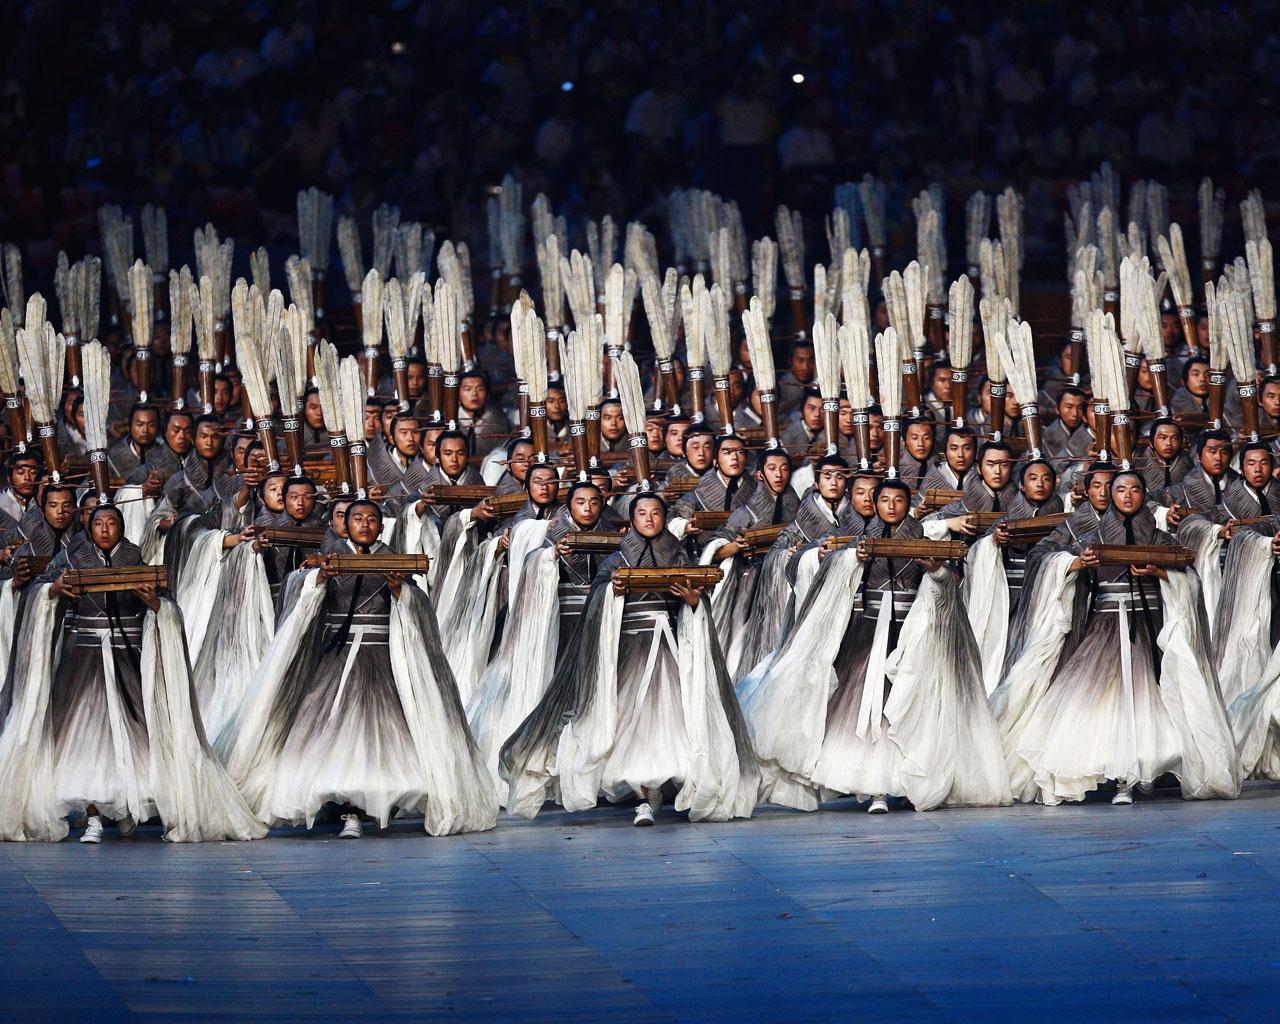 北京奥运会——灿烂文化 - 玉竹佳人 - 玉竹佳人的博客